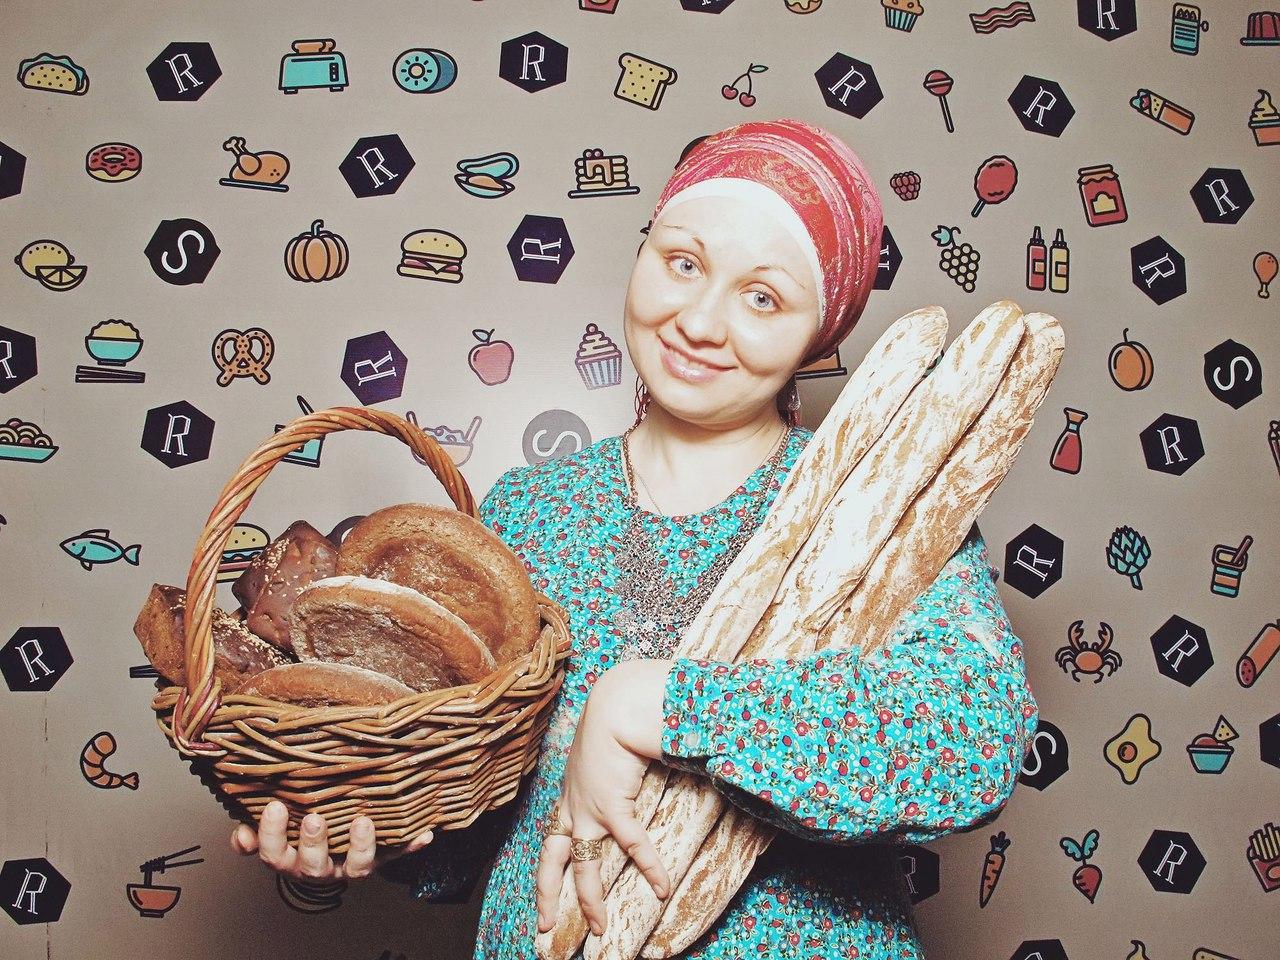 Афиша Самара МК по выпечке бездрожжевого хлеба, 11 ноября